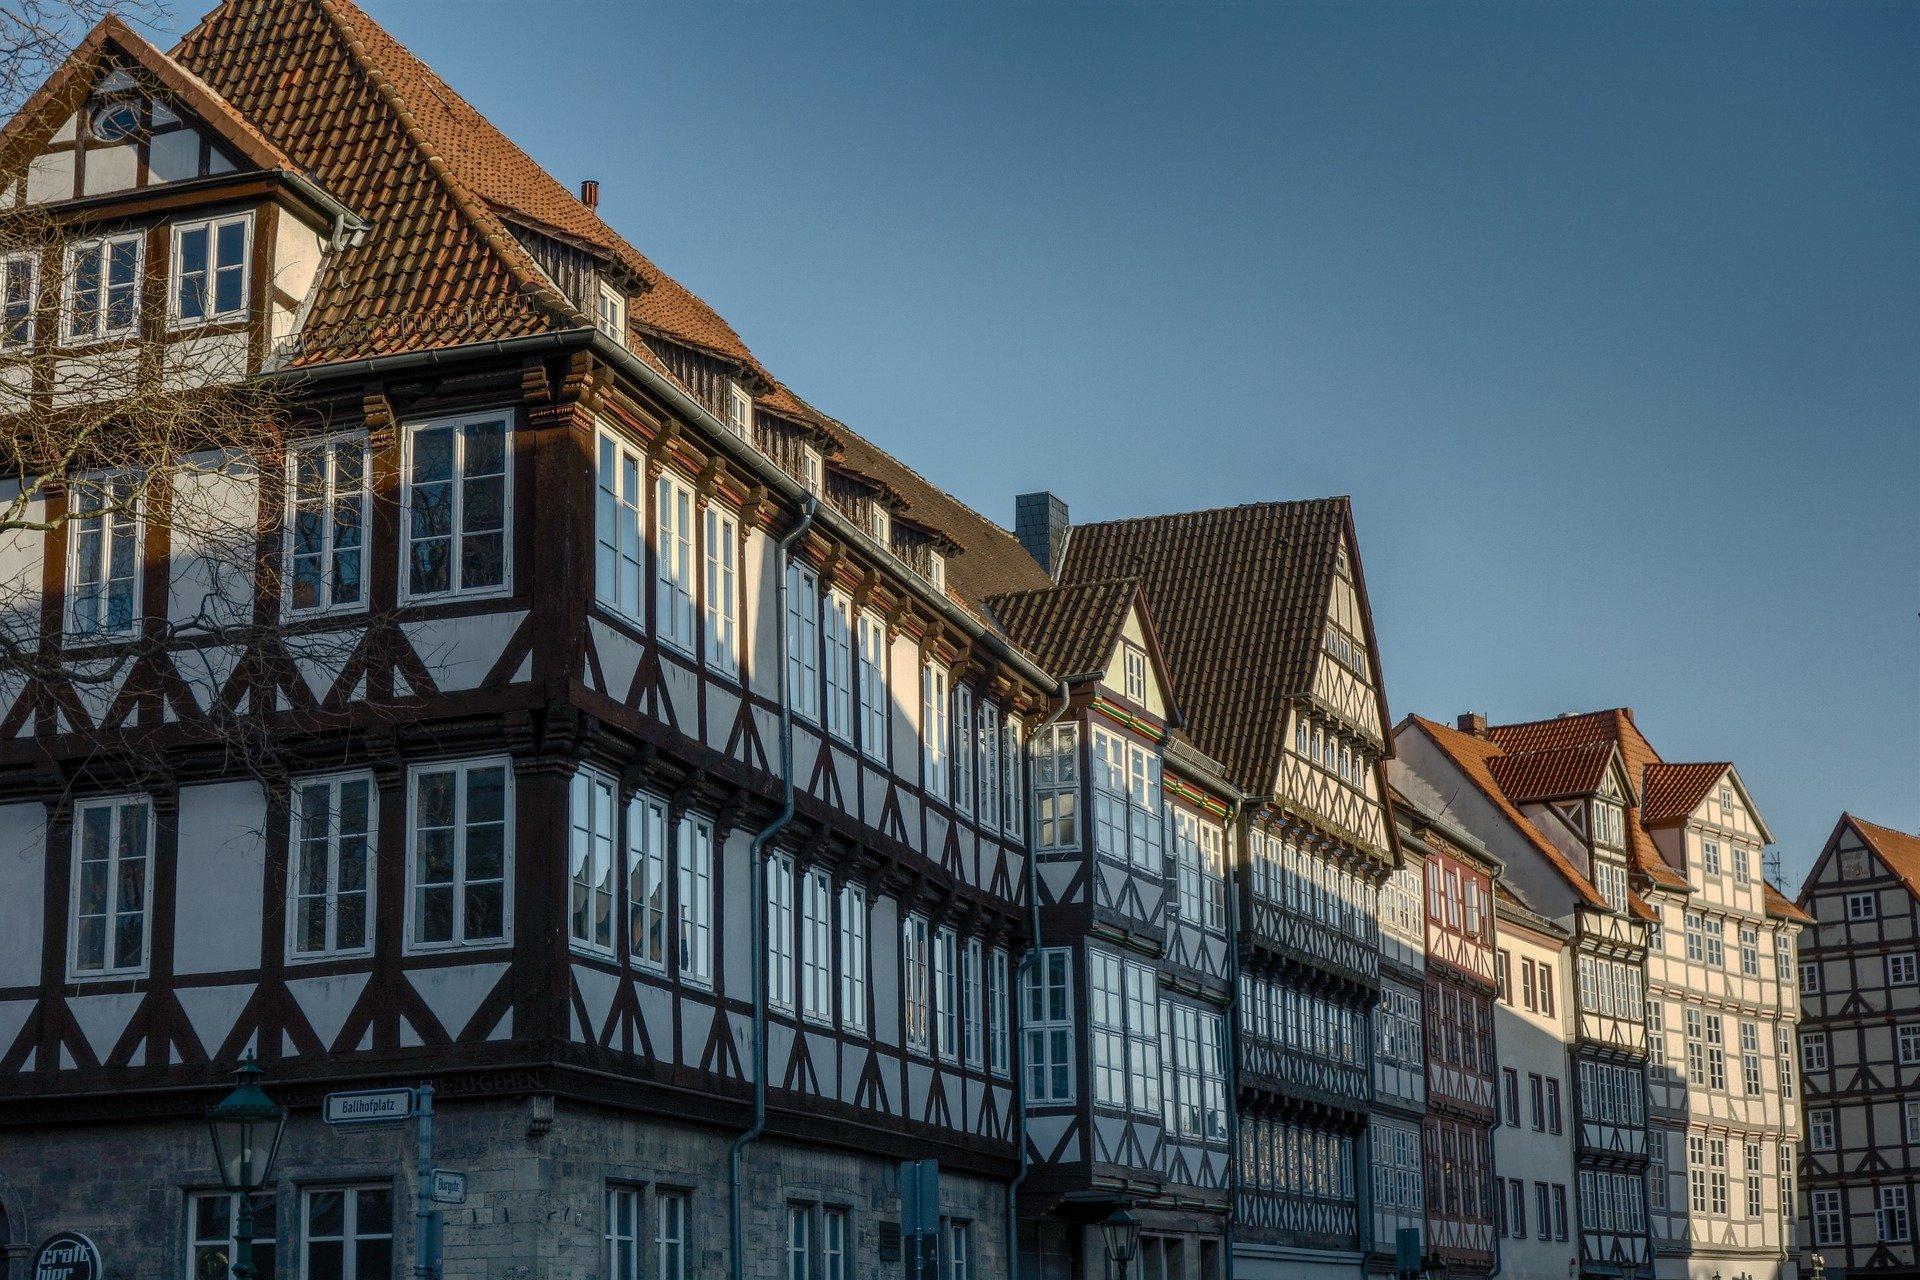 Schönes Fachwerkhaus in 30657 Hannover